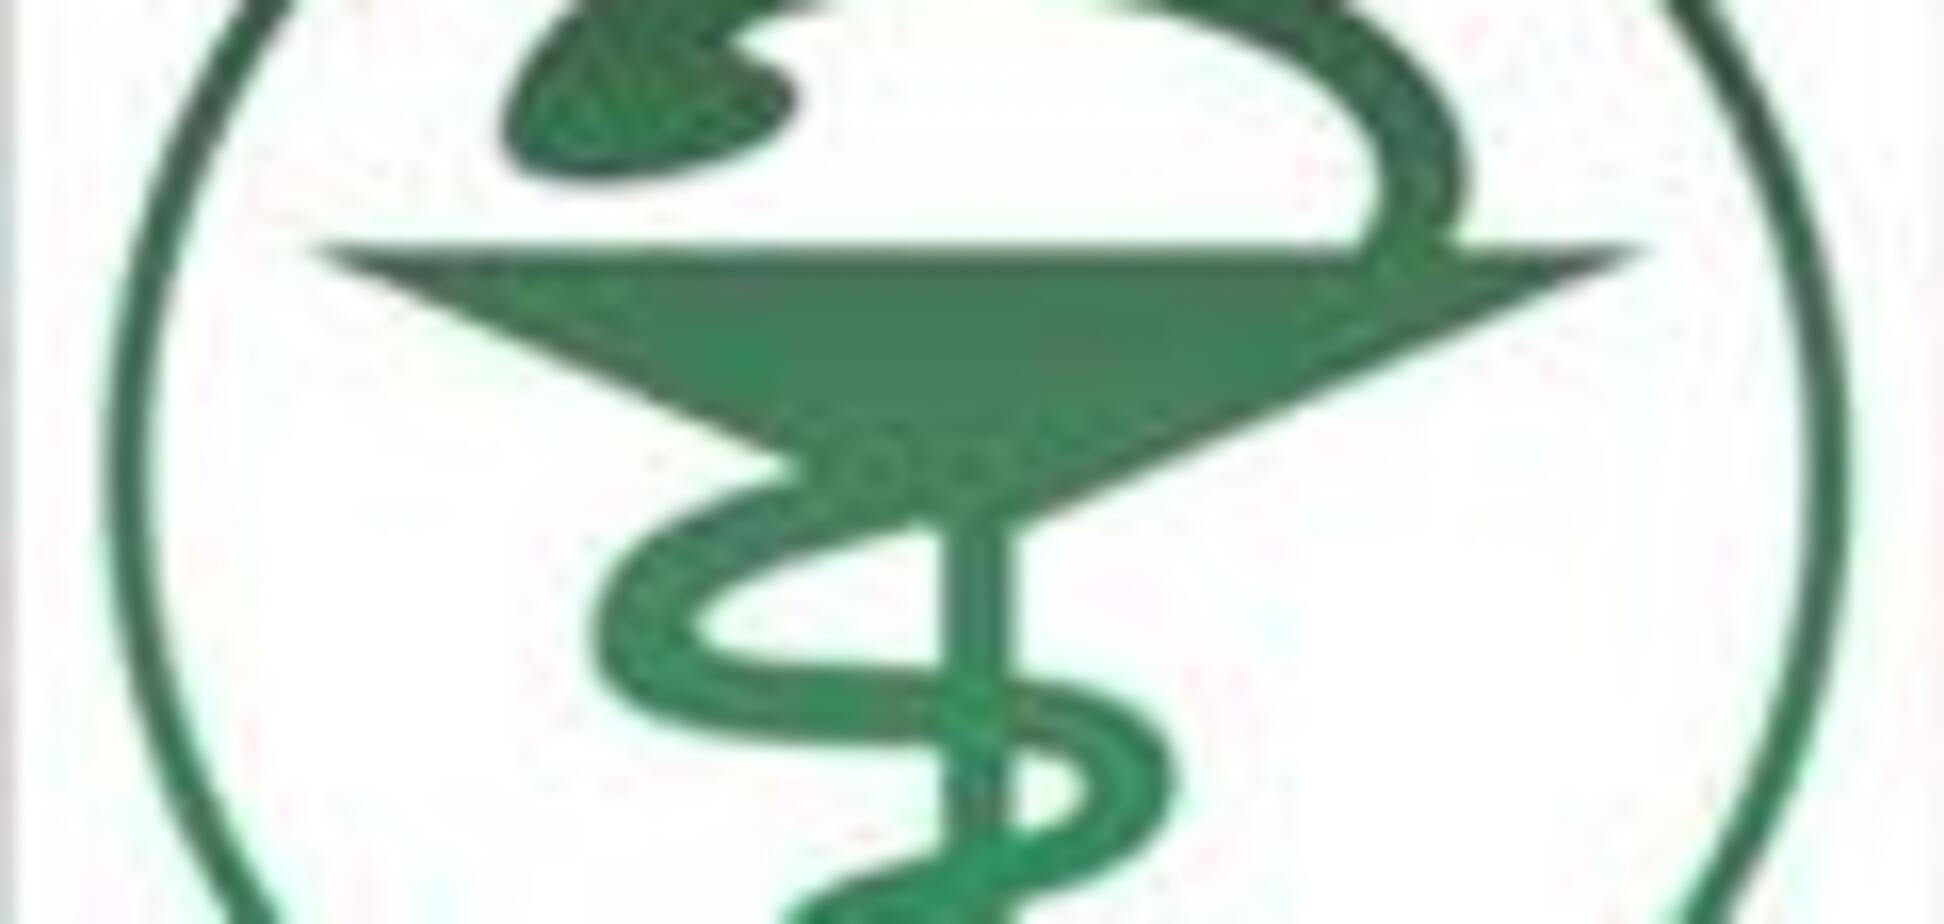 Знайдена партія підроблених медпрепаратів від свинячого грипу